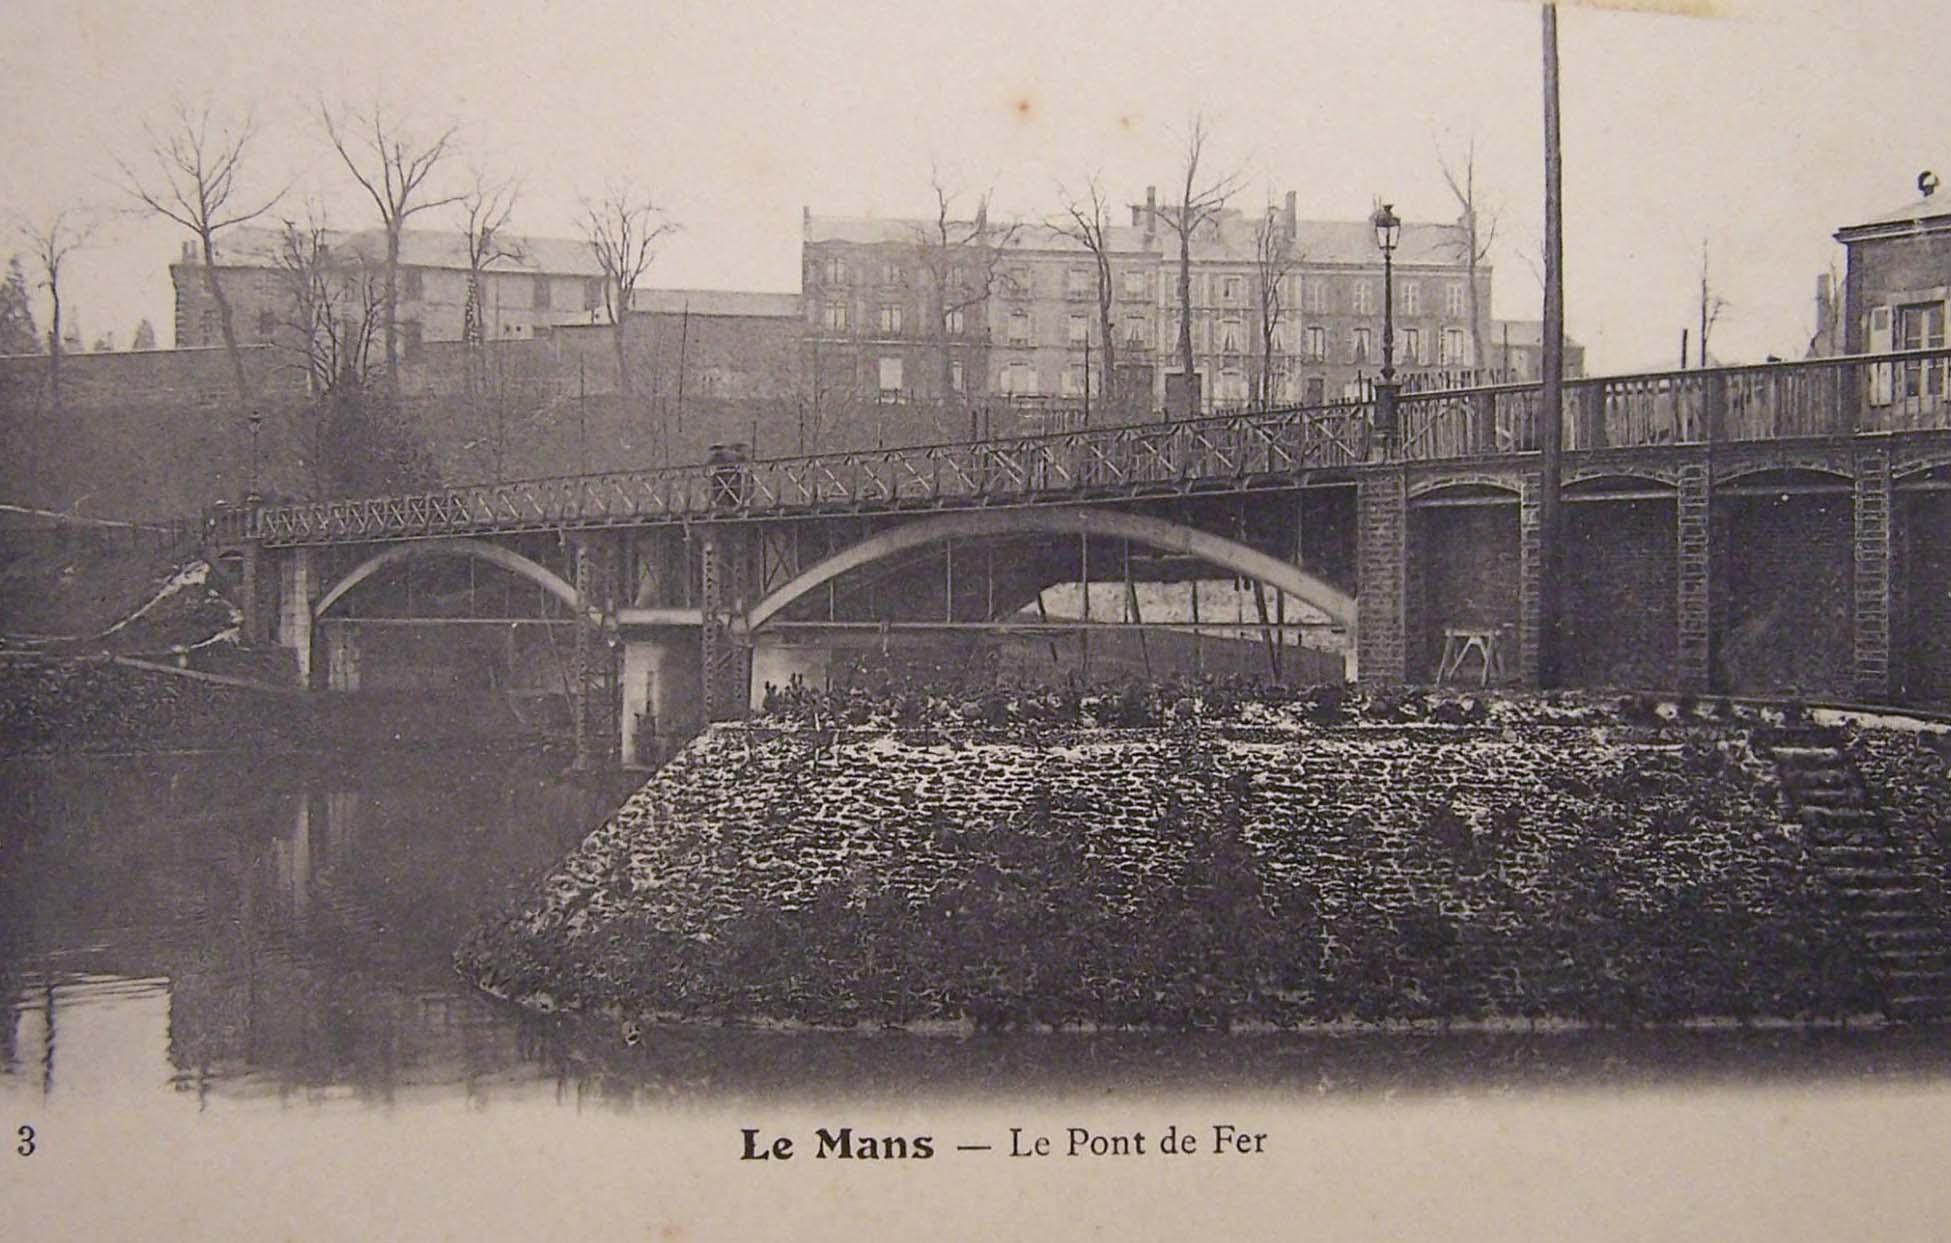 Le Mans - Le Pont de Fer 01